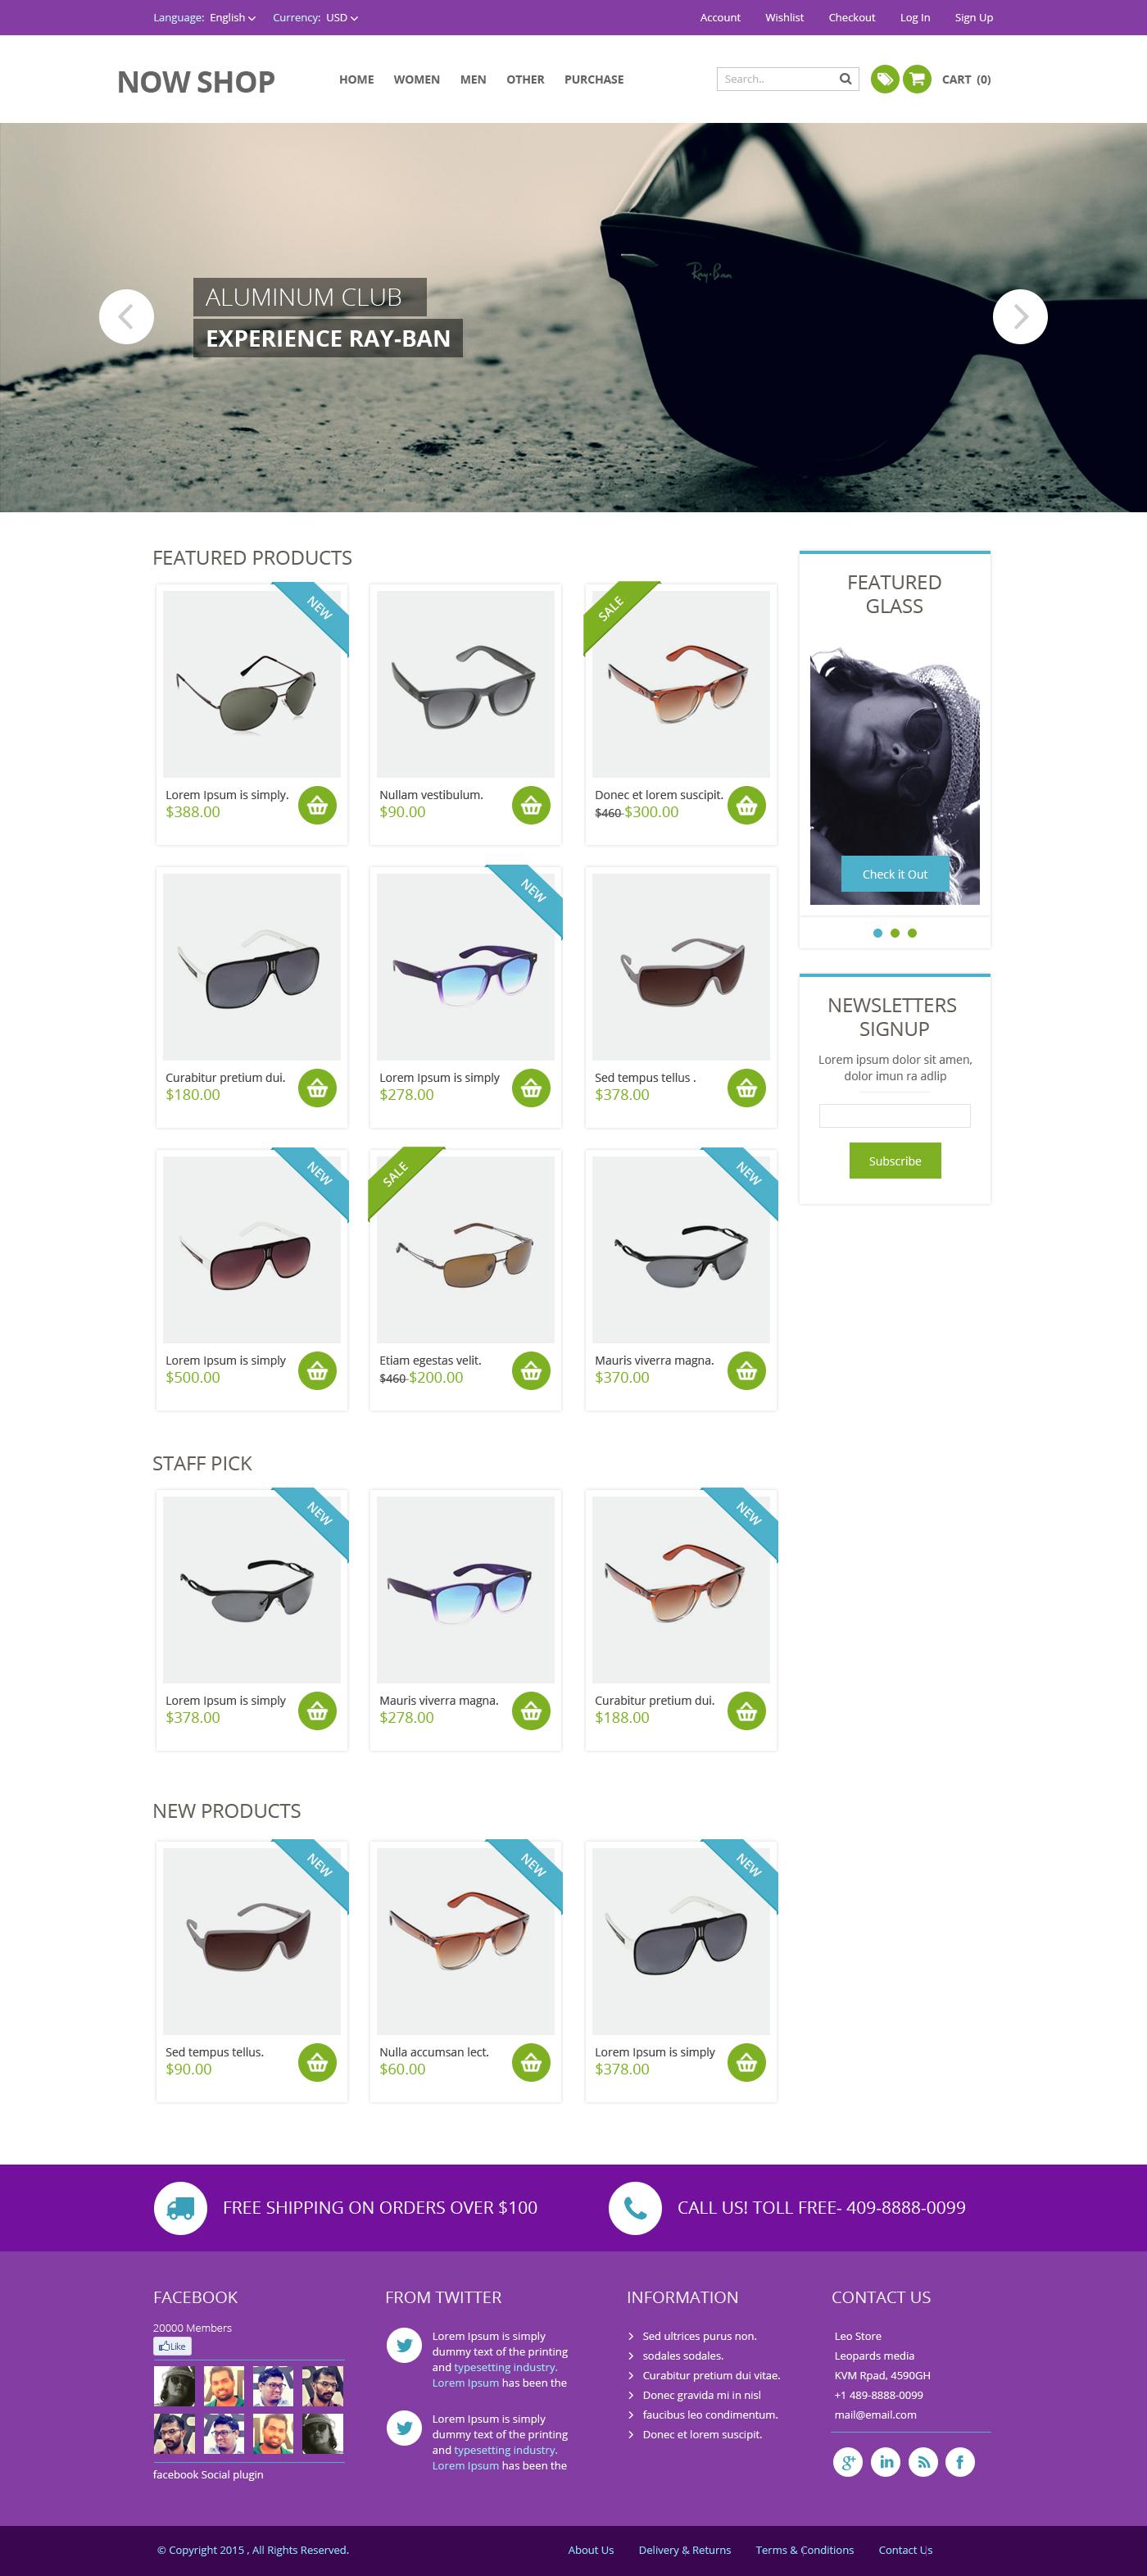 Free Online Shop Website Template PSD